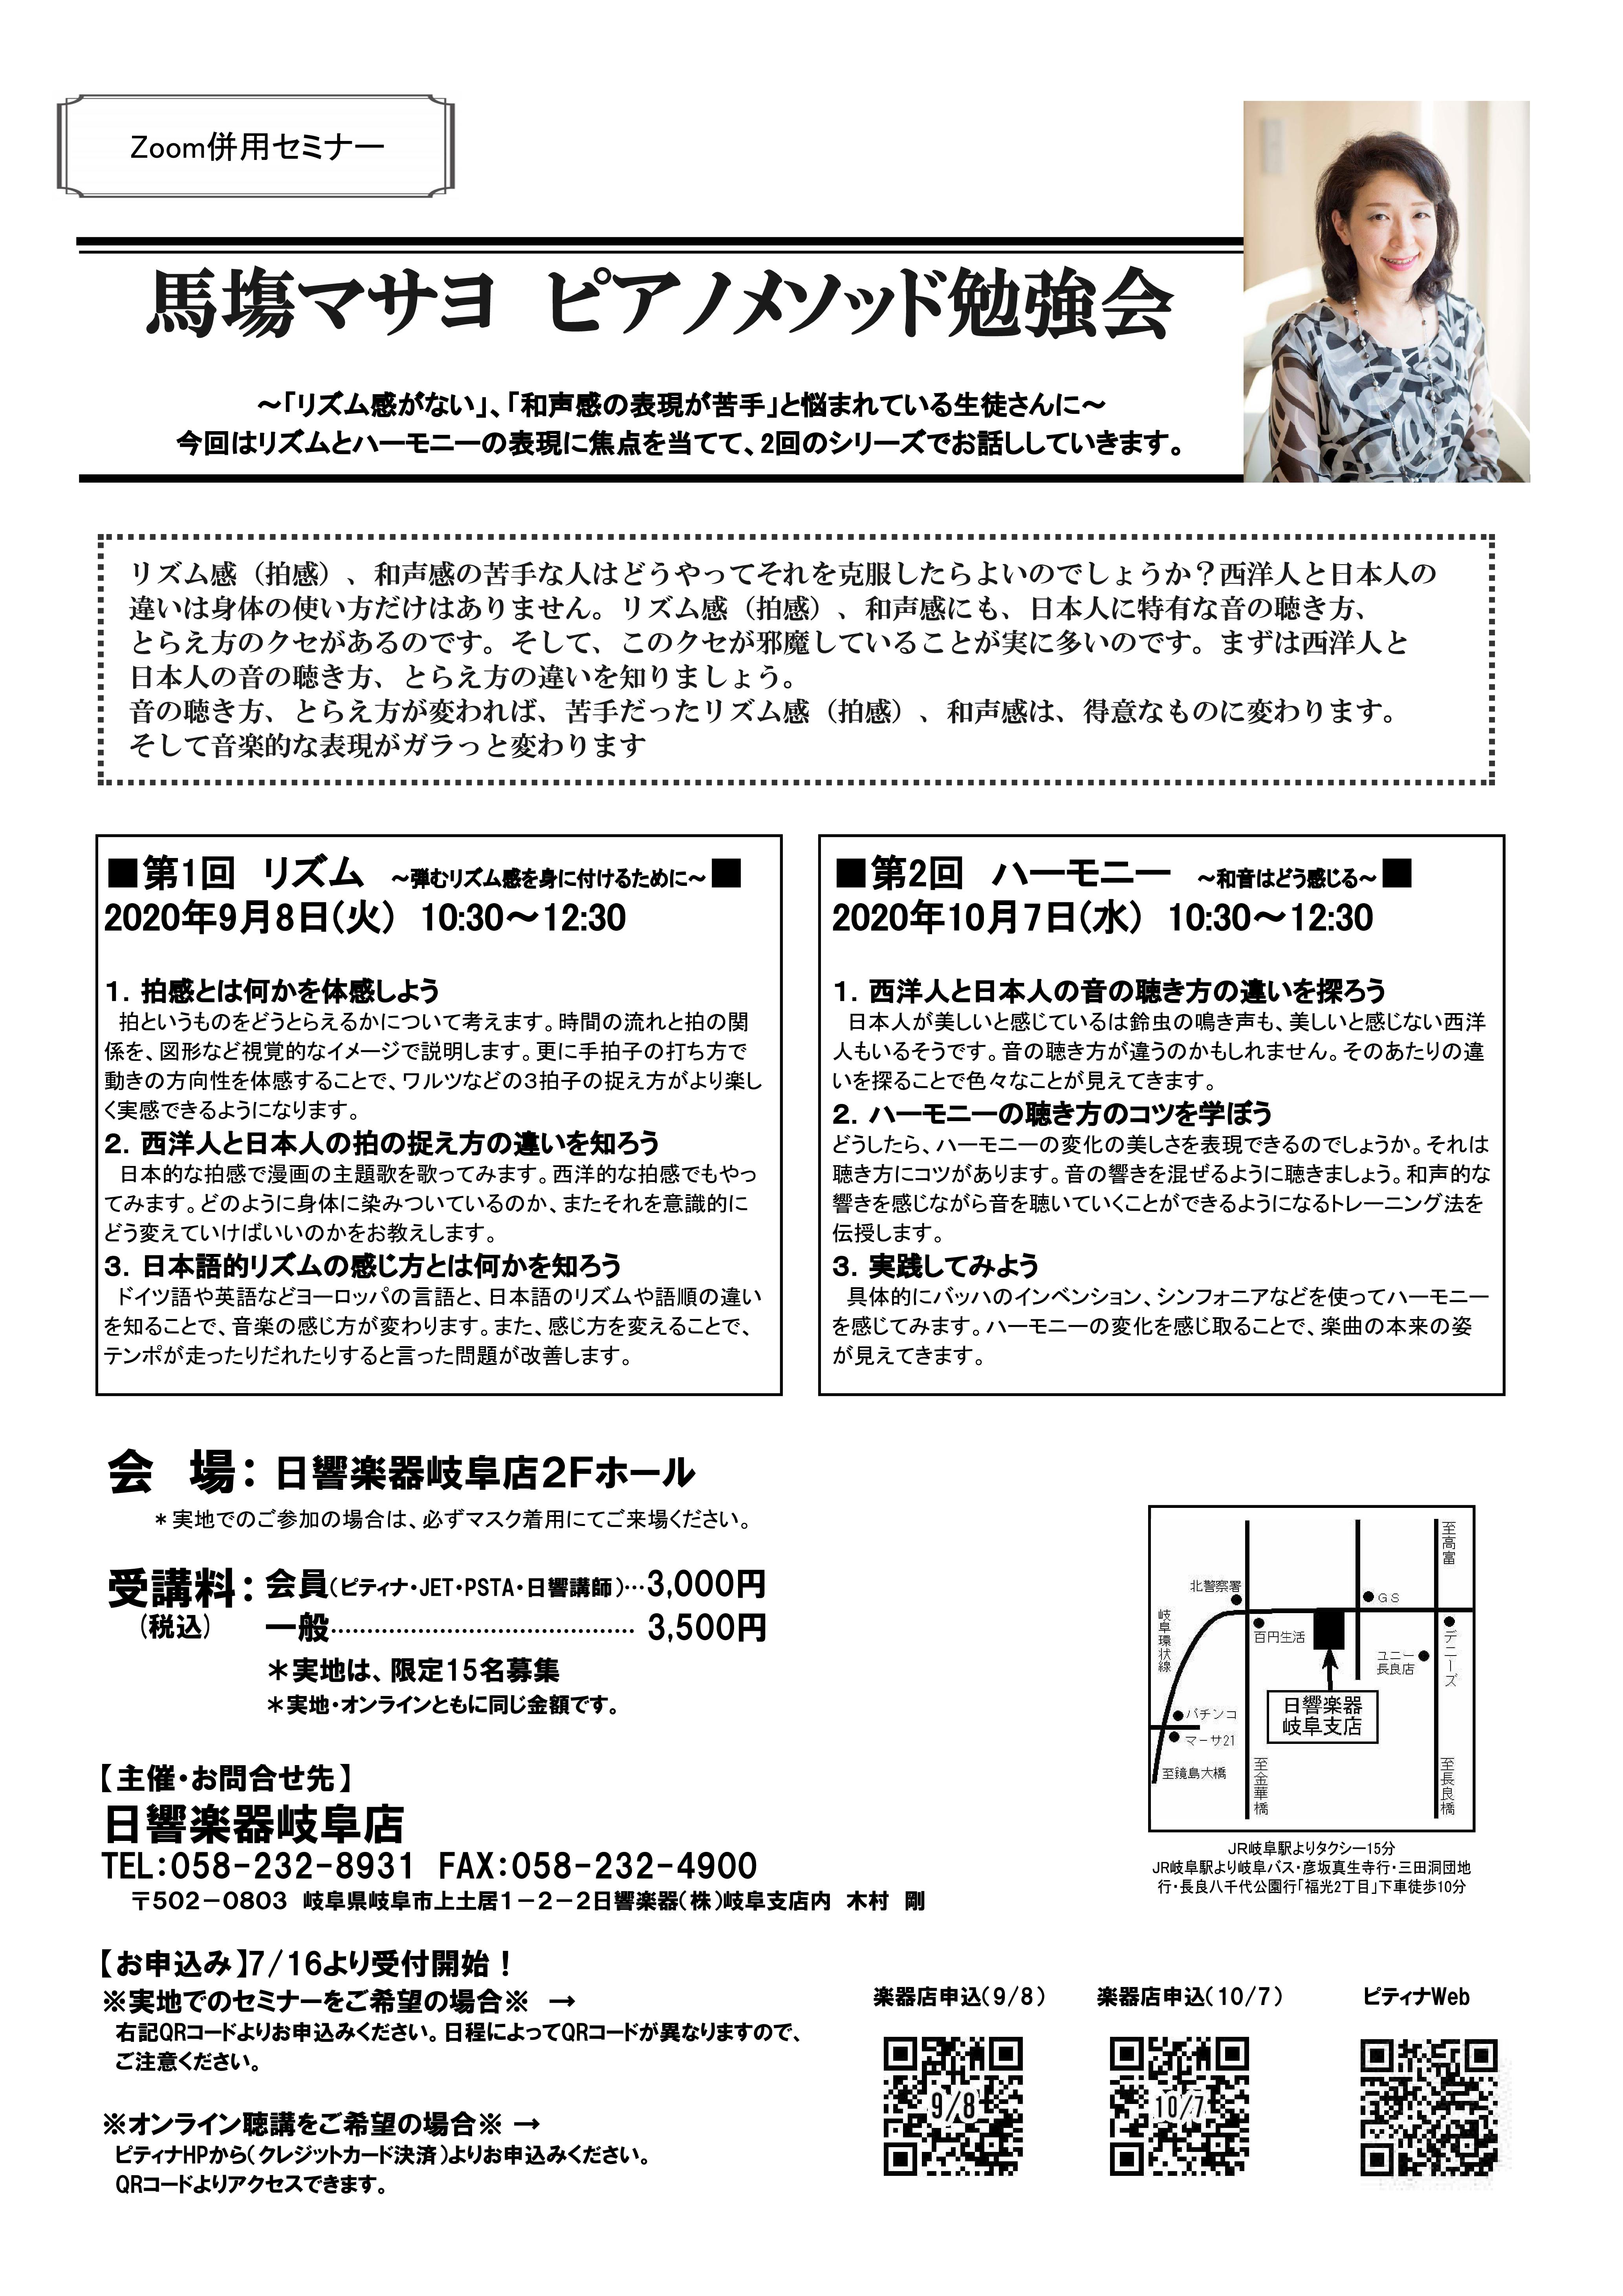 200908岐阜オンラインセミナー_20213476馬塲マサヨ先生-01